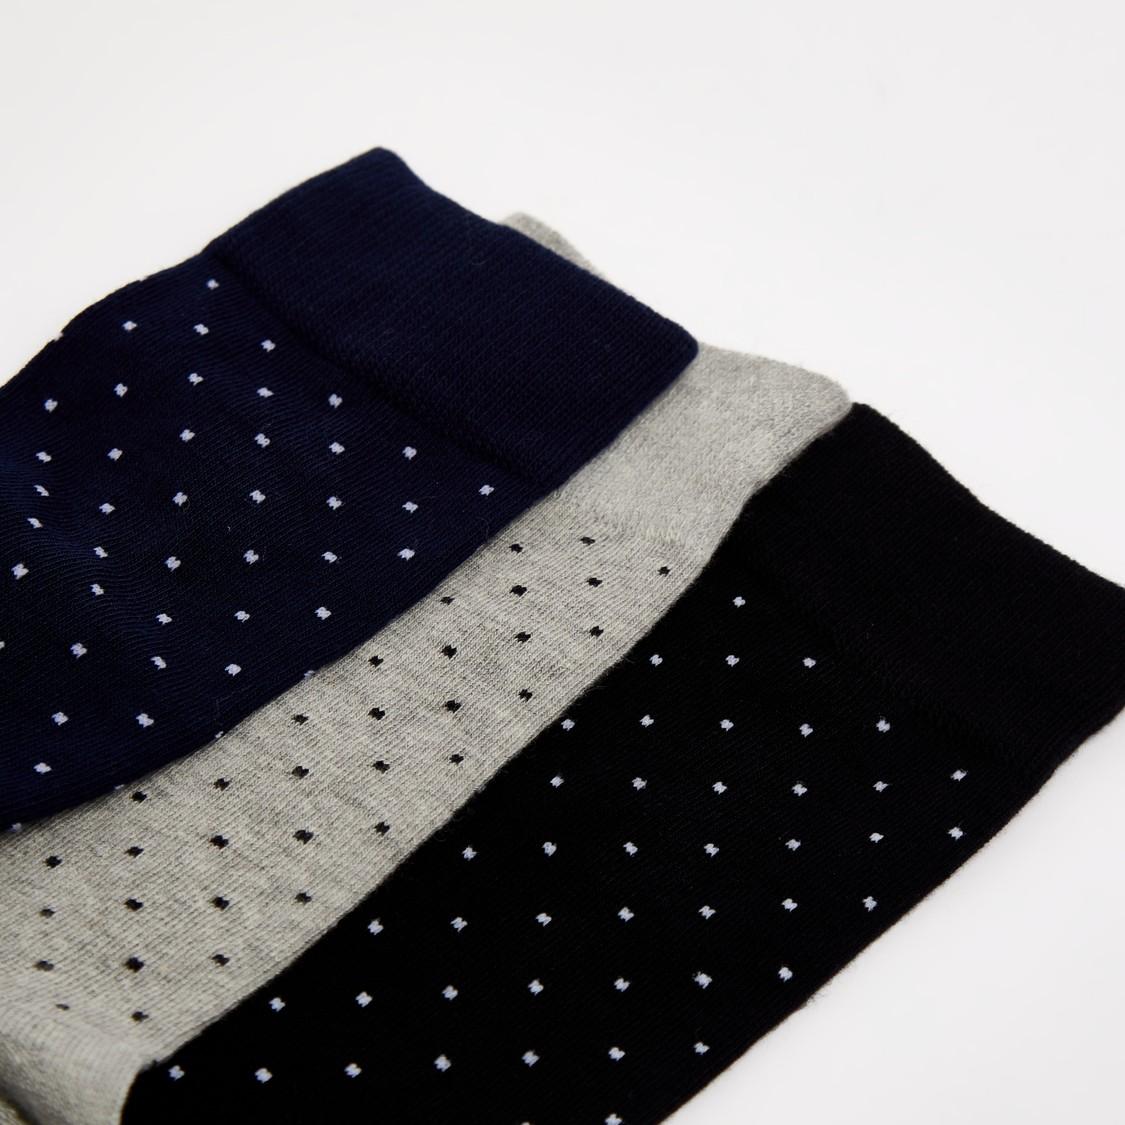 جوارب بطول كامل بطبعات - طقم من 3 أزواج